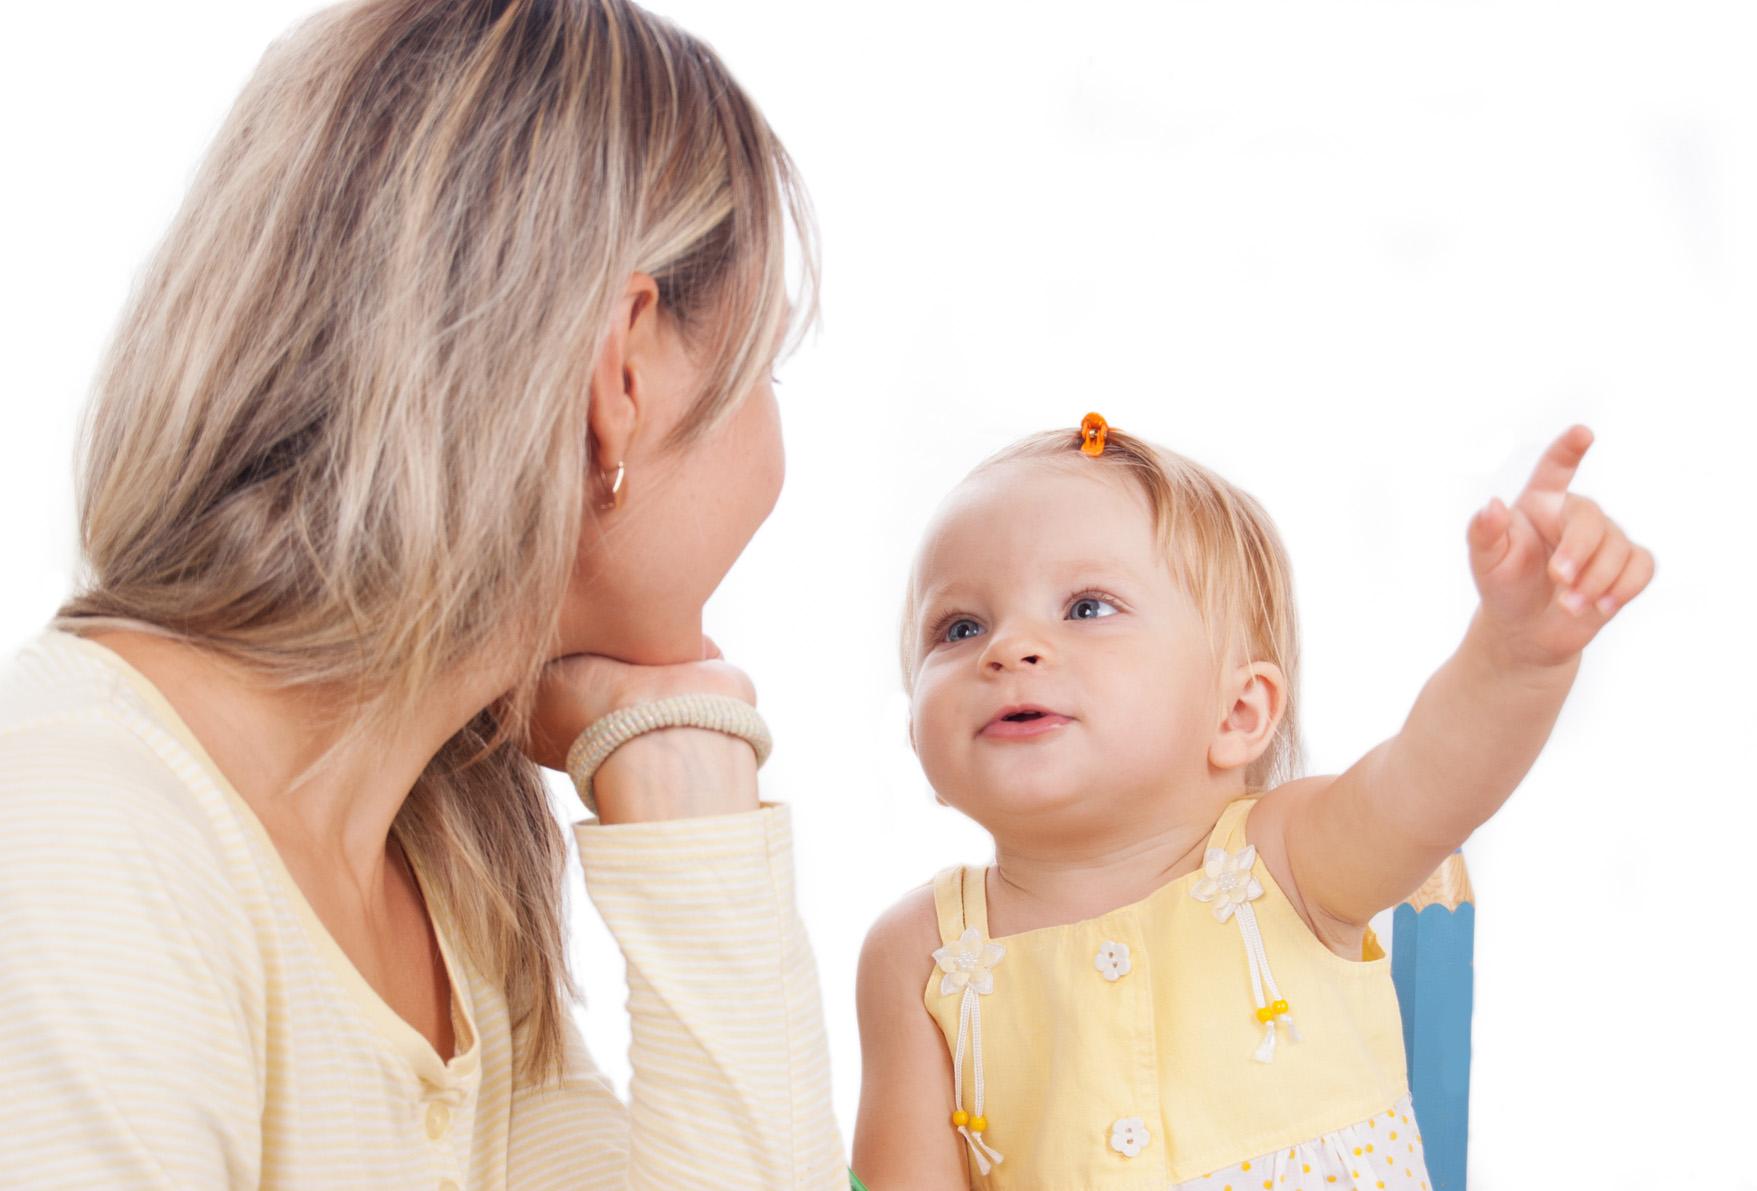 گفتگو برای روان صحبت کردن کودک